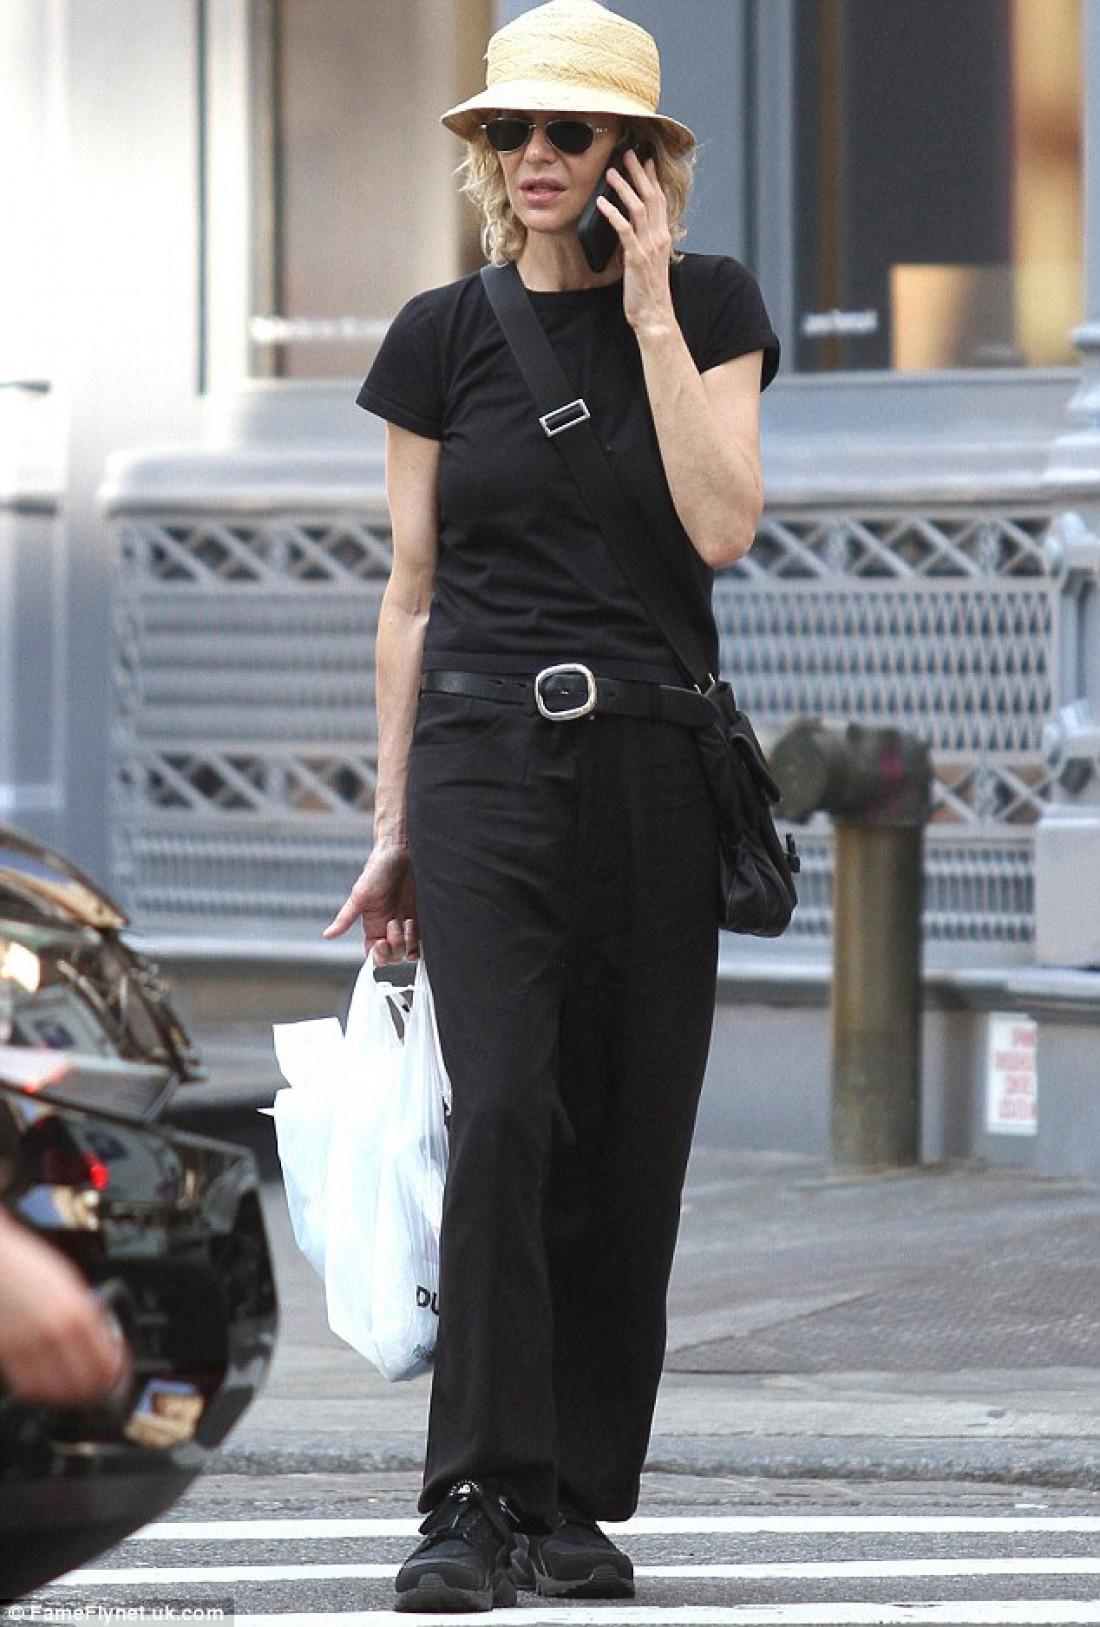 Мег Райан во время шопинга в Нью-Йорке